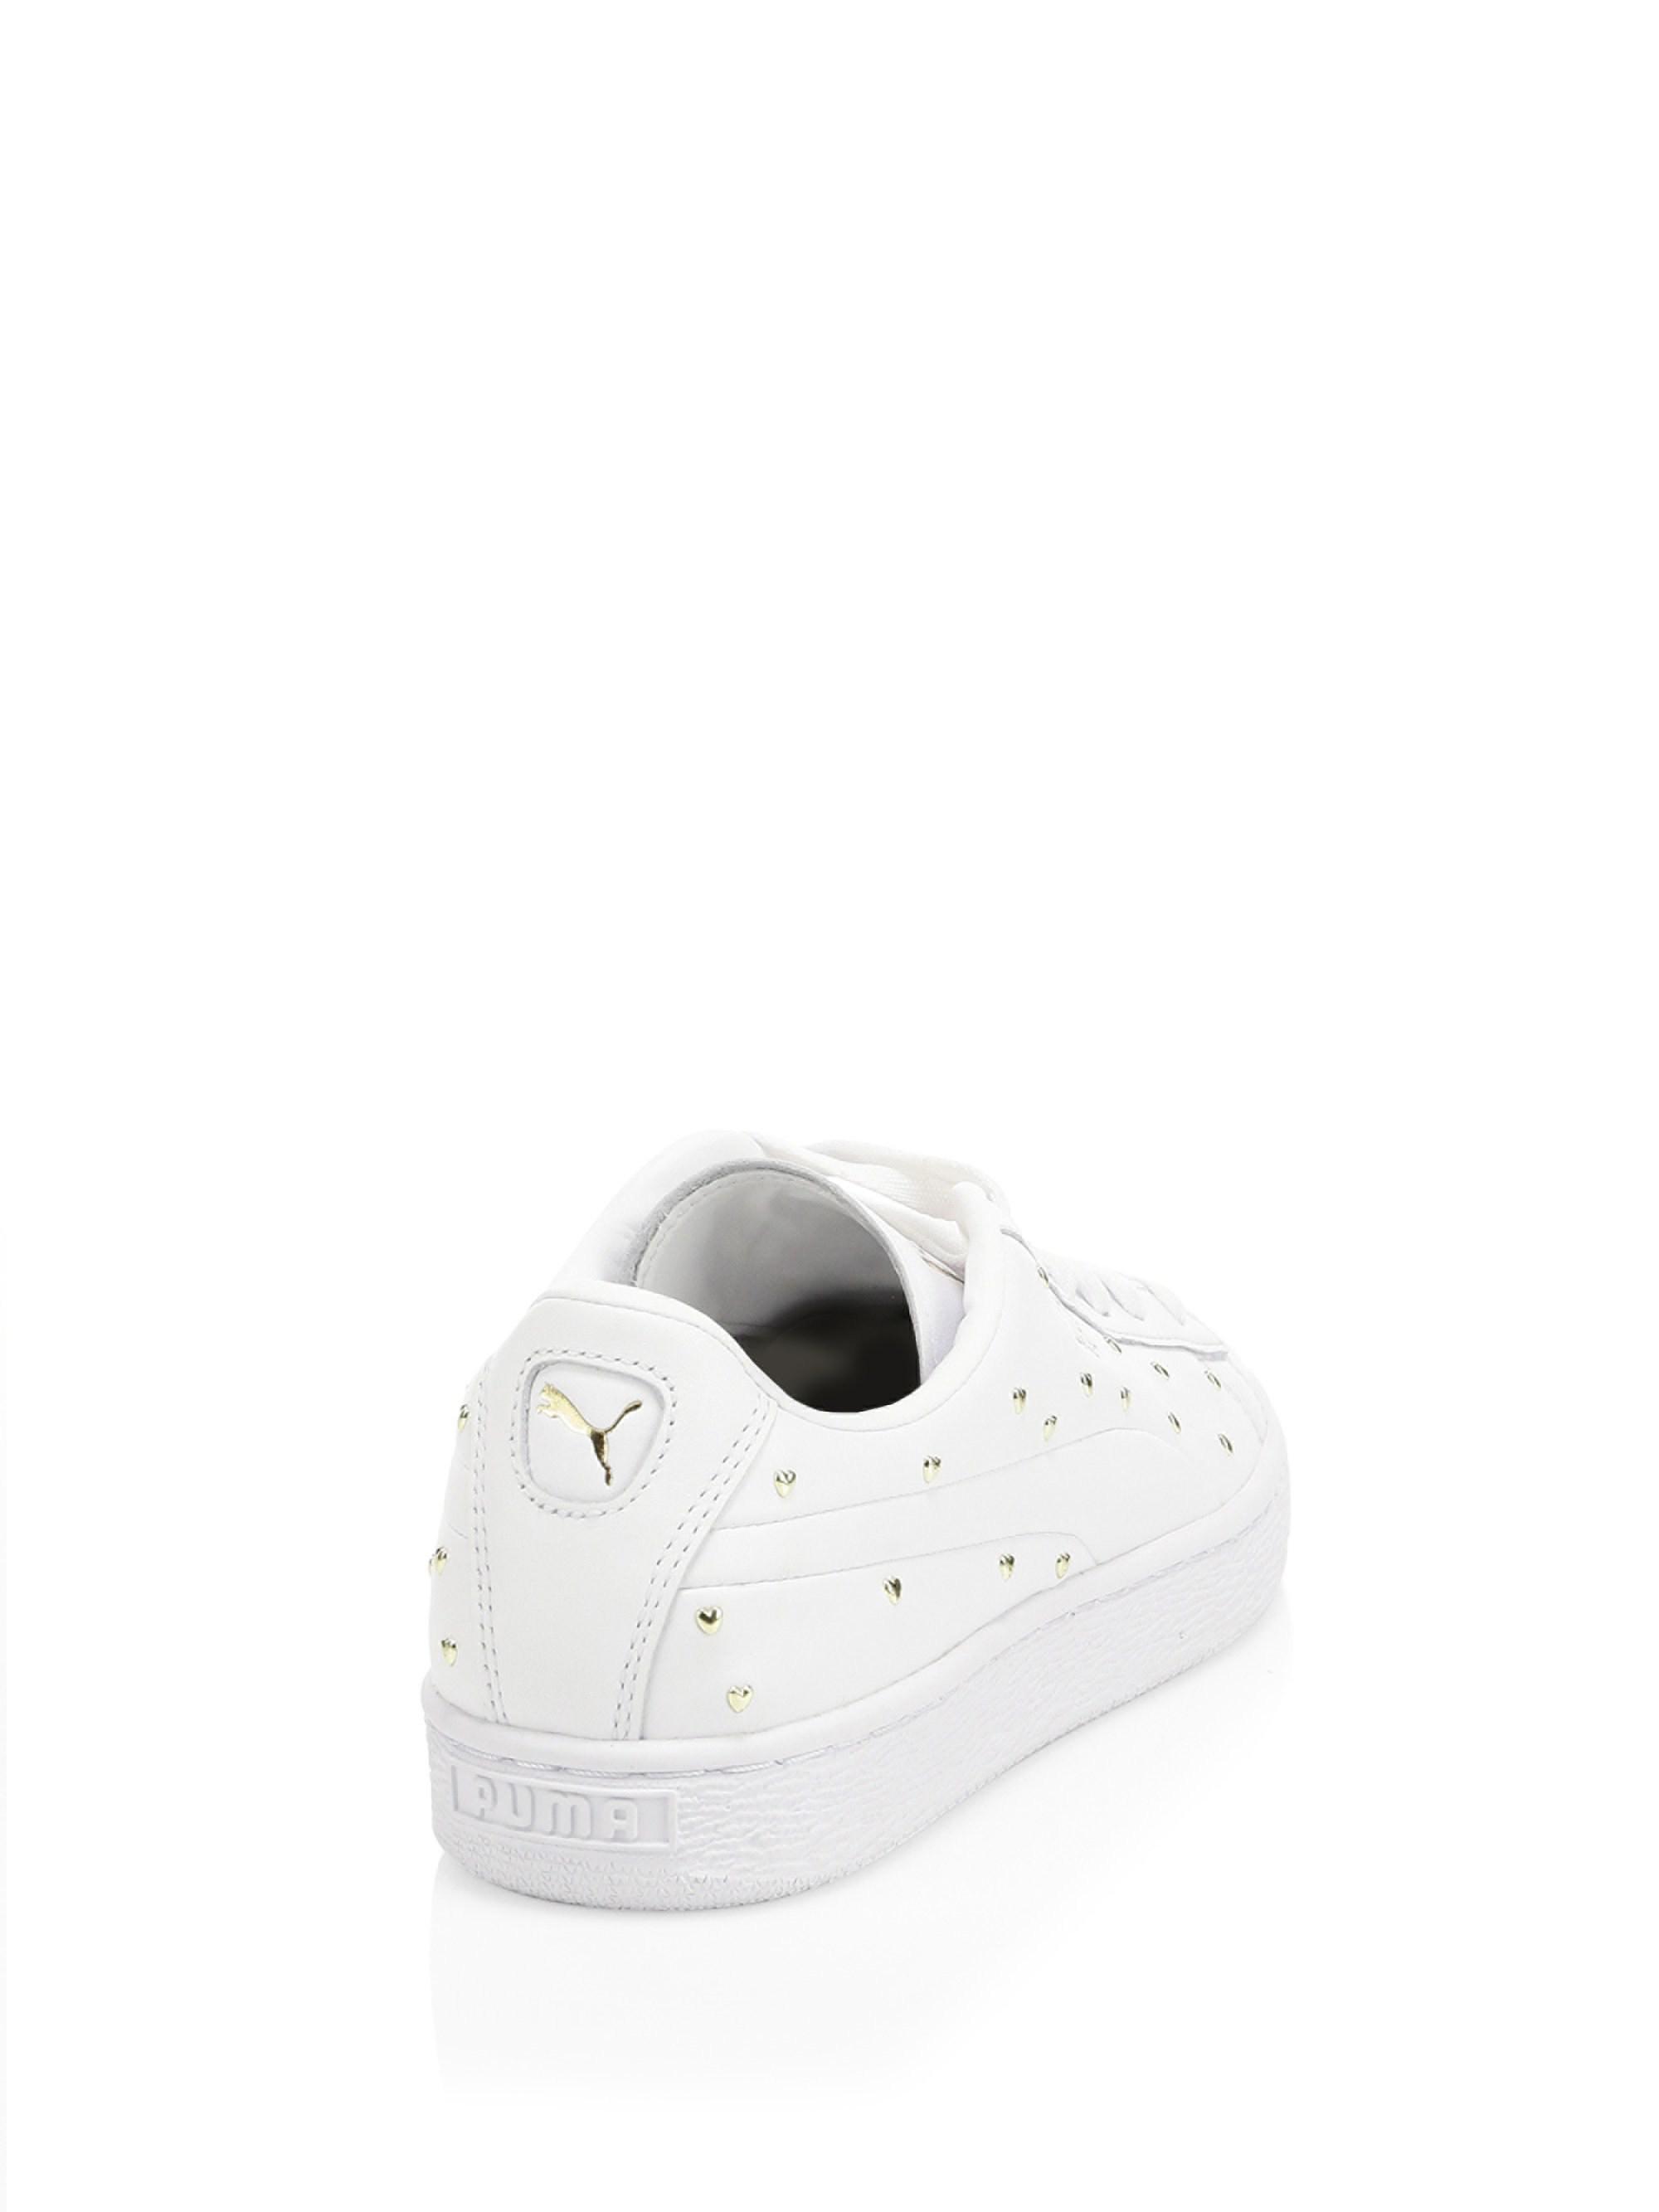 puma basket stud sneakers